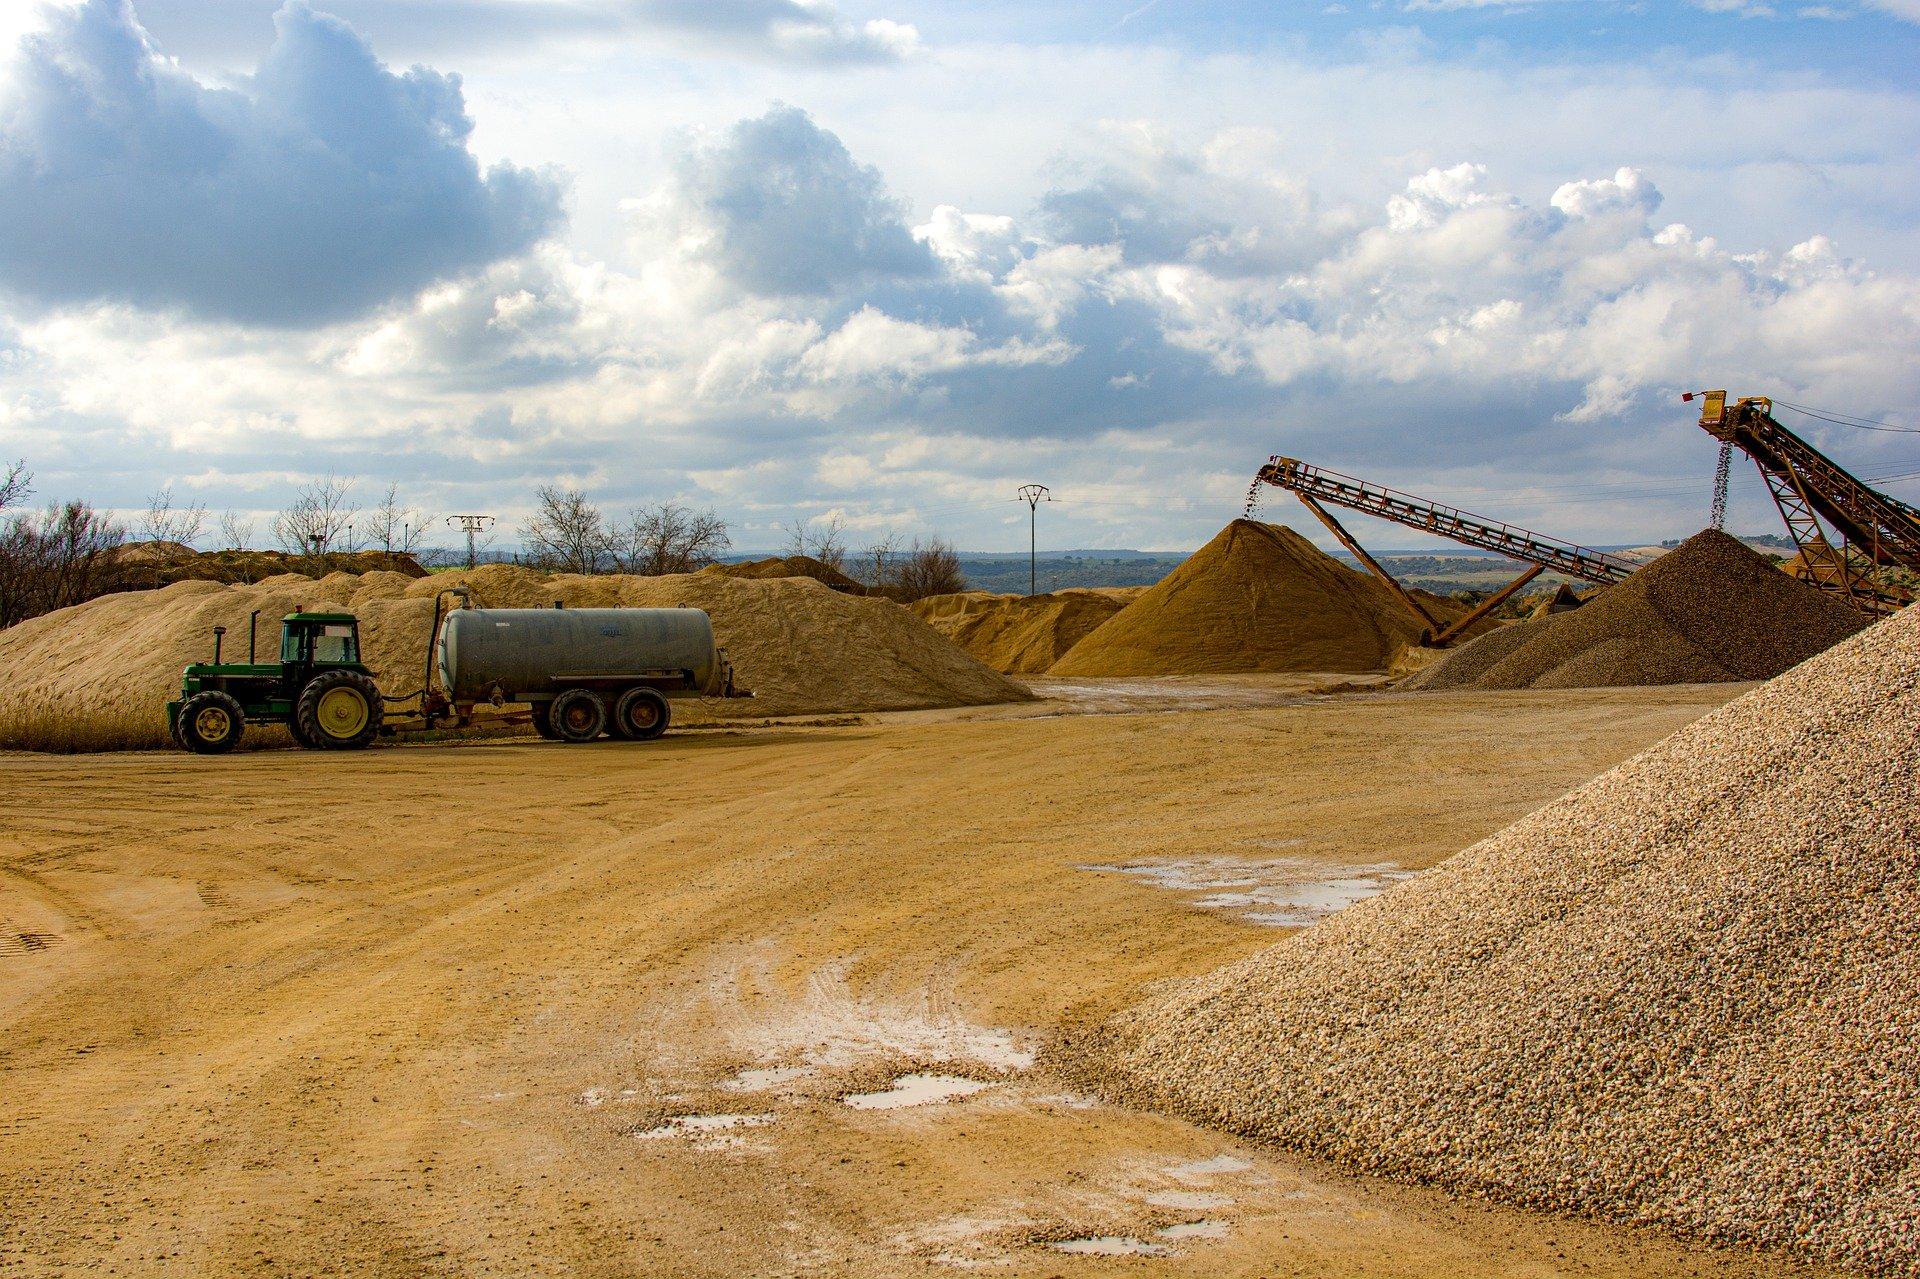 Retournement des ressources - exploitation durable de l'or